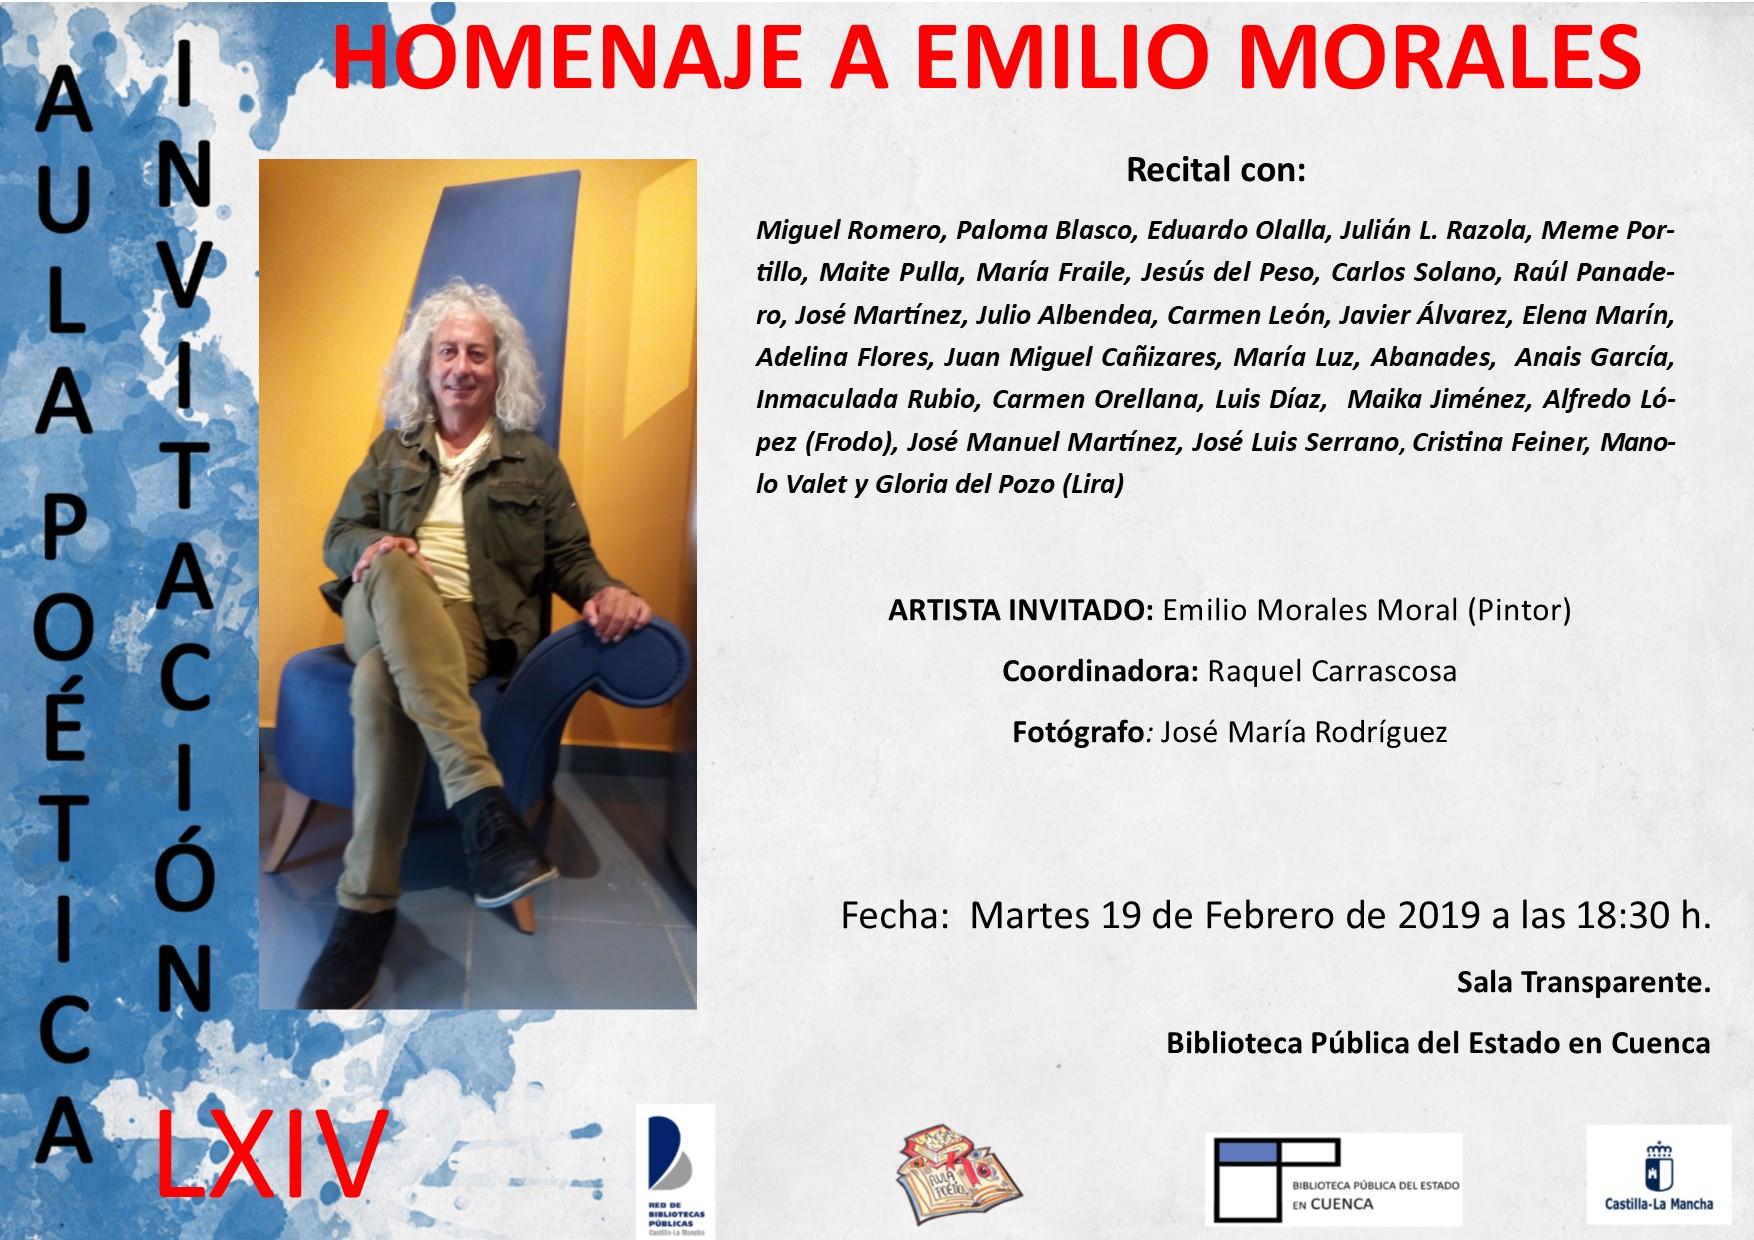 Imagen de la actividad Homenaje a Emilio Morales